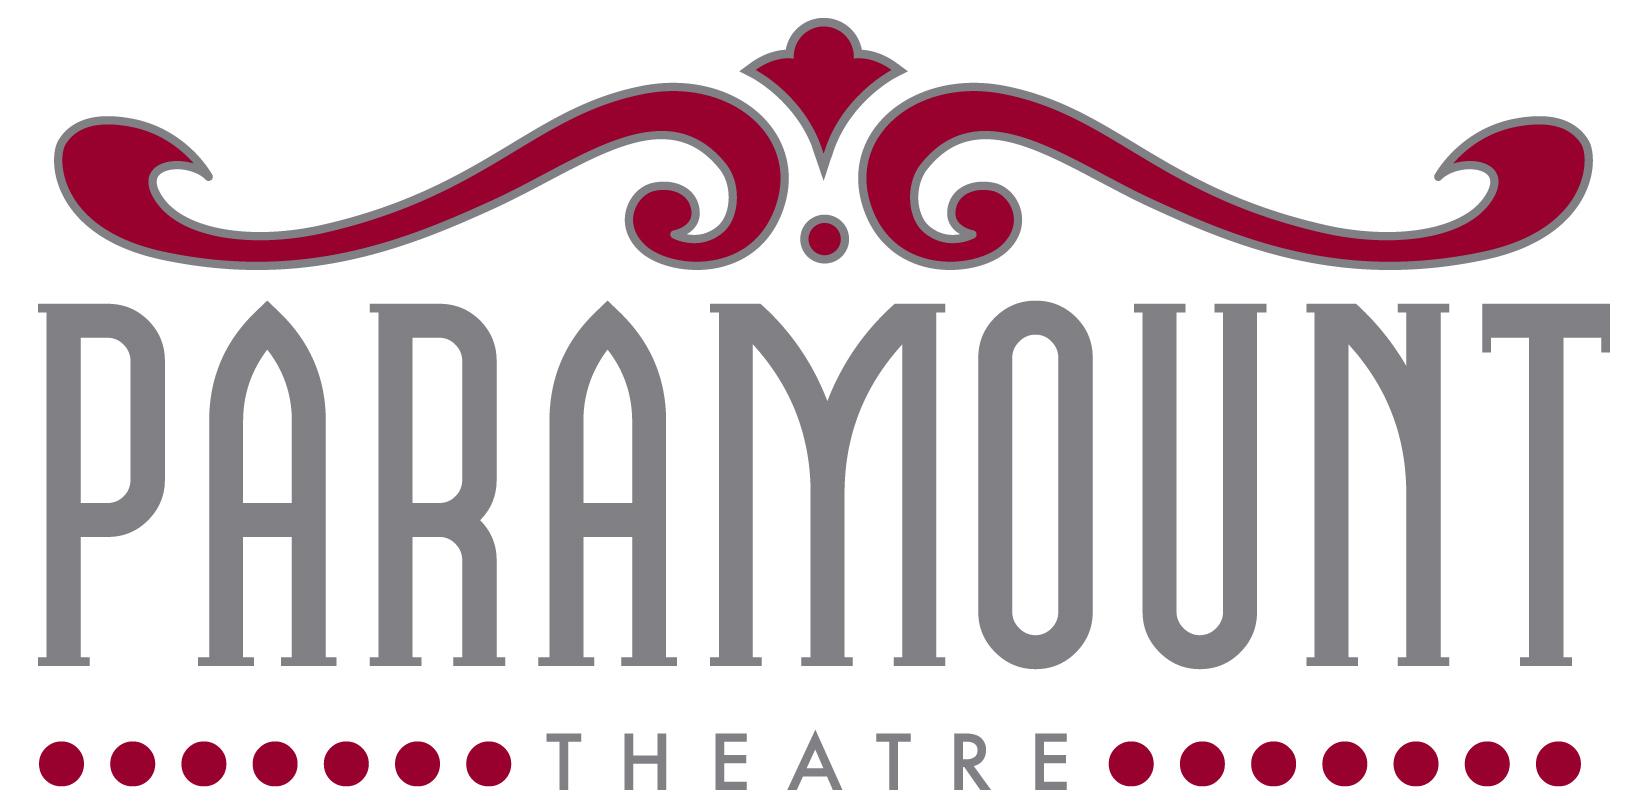 Paramount theatre hires